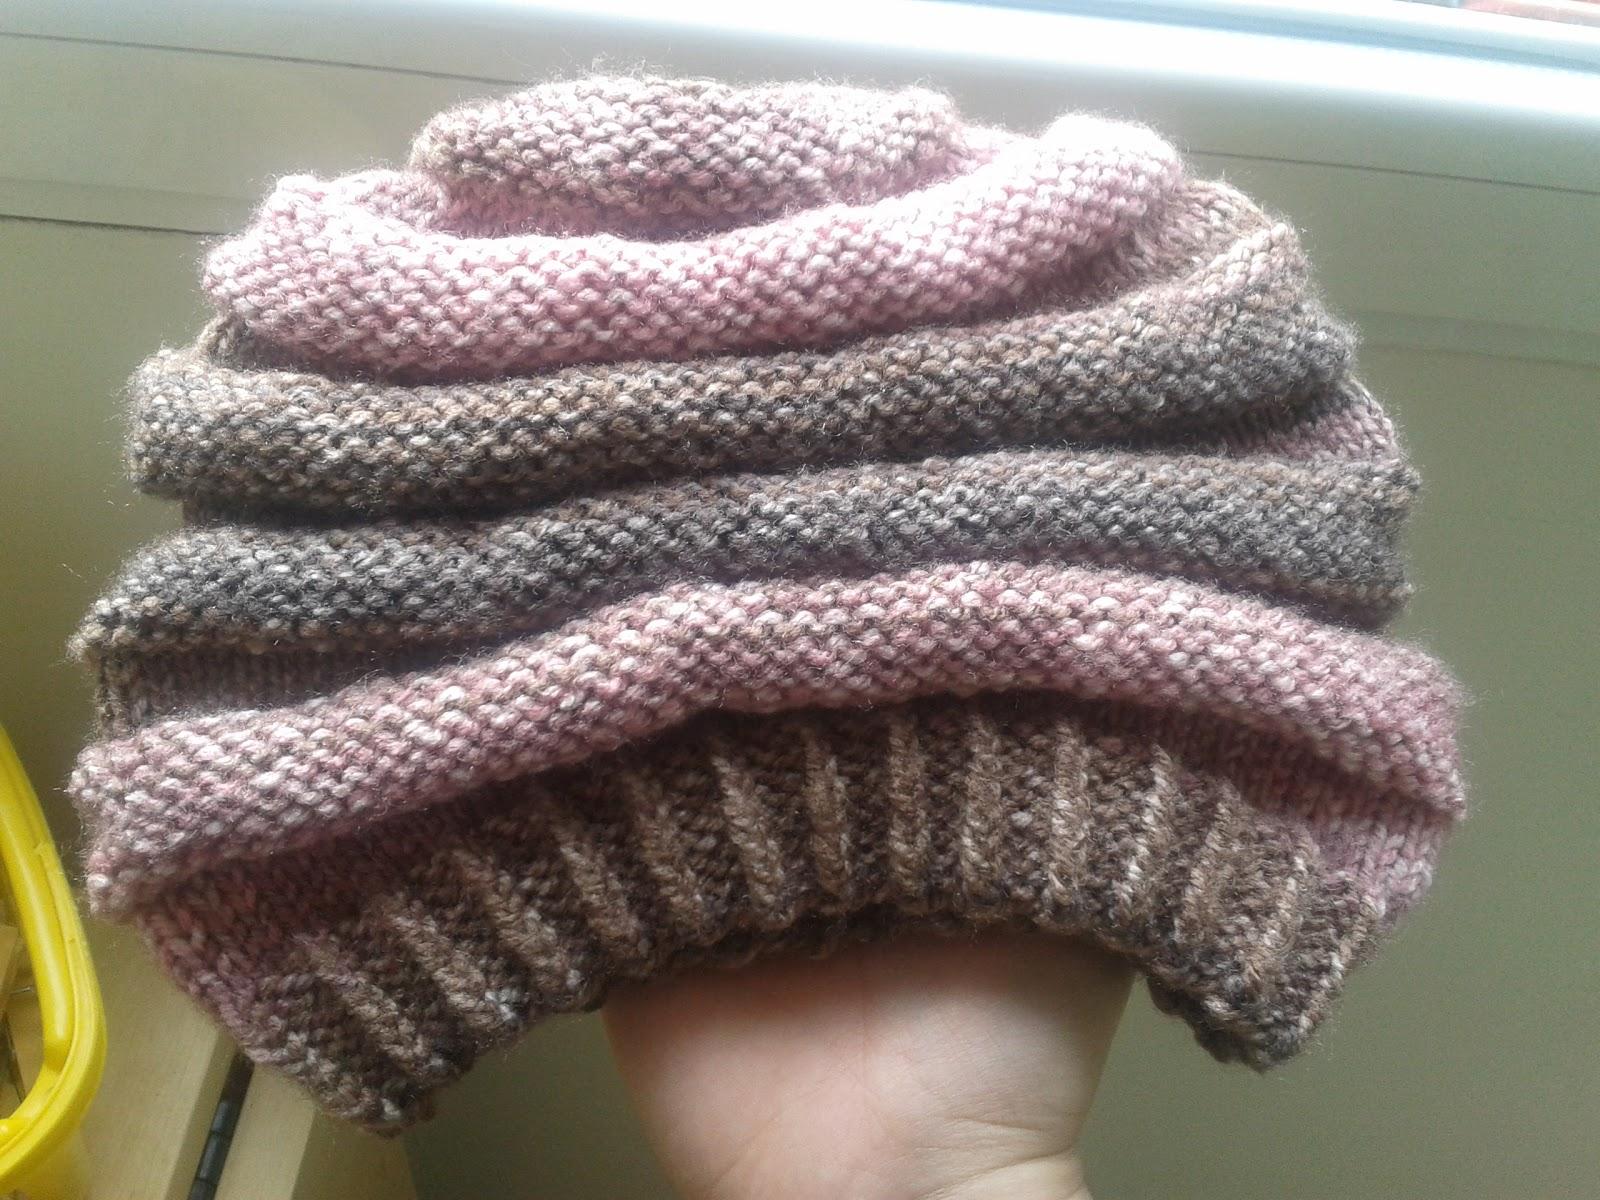 Apuros de una tejedora compulsiva: noviembre 2012